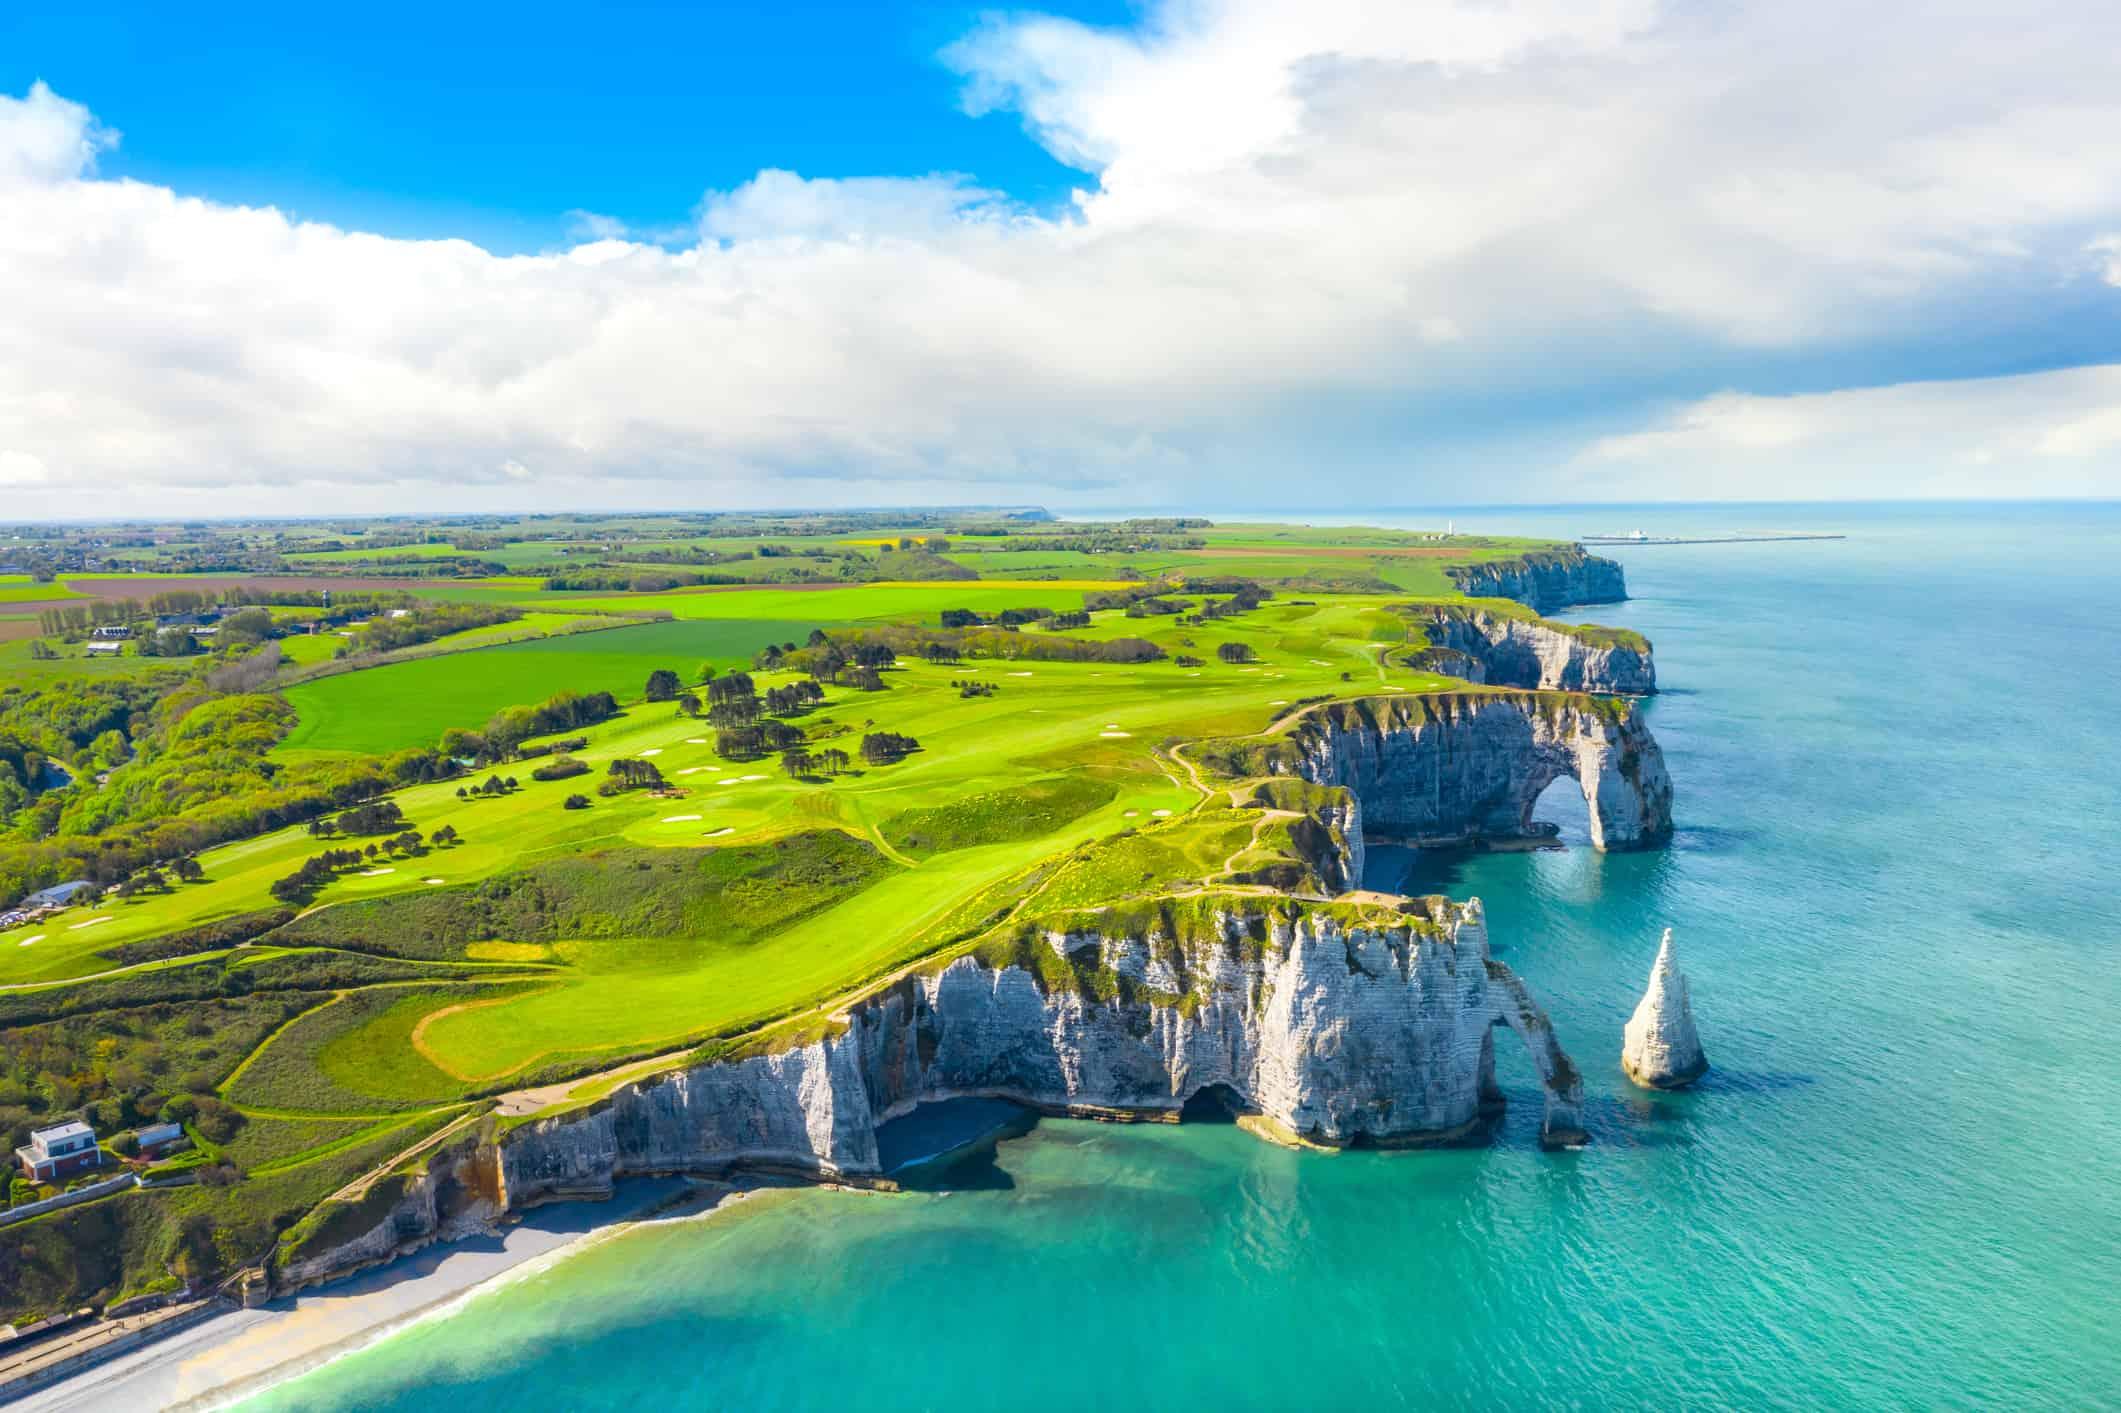 The cliffs of Pays de Caux, Normandy, France